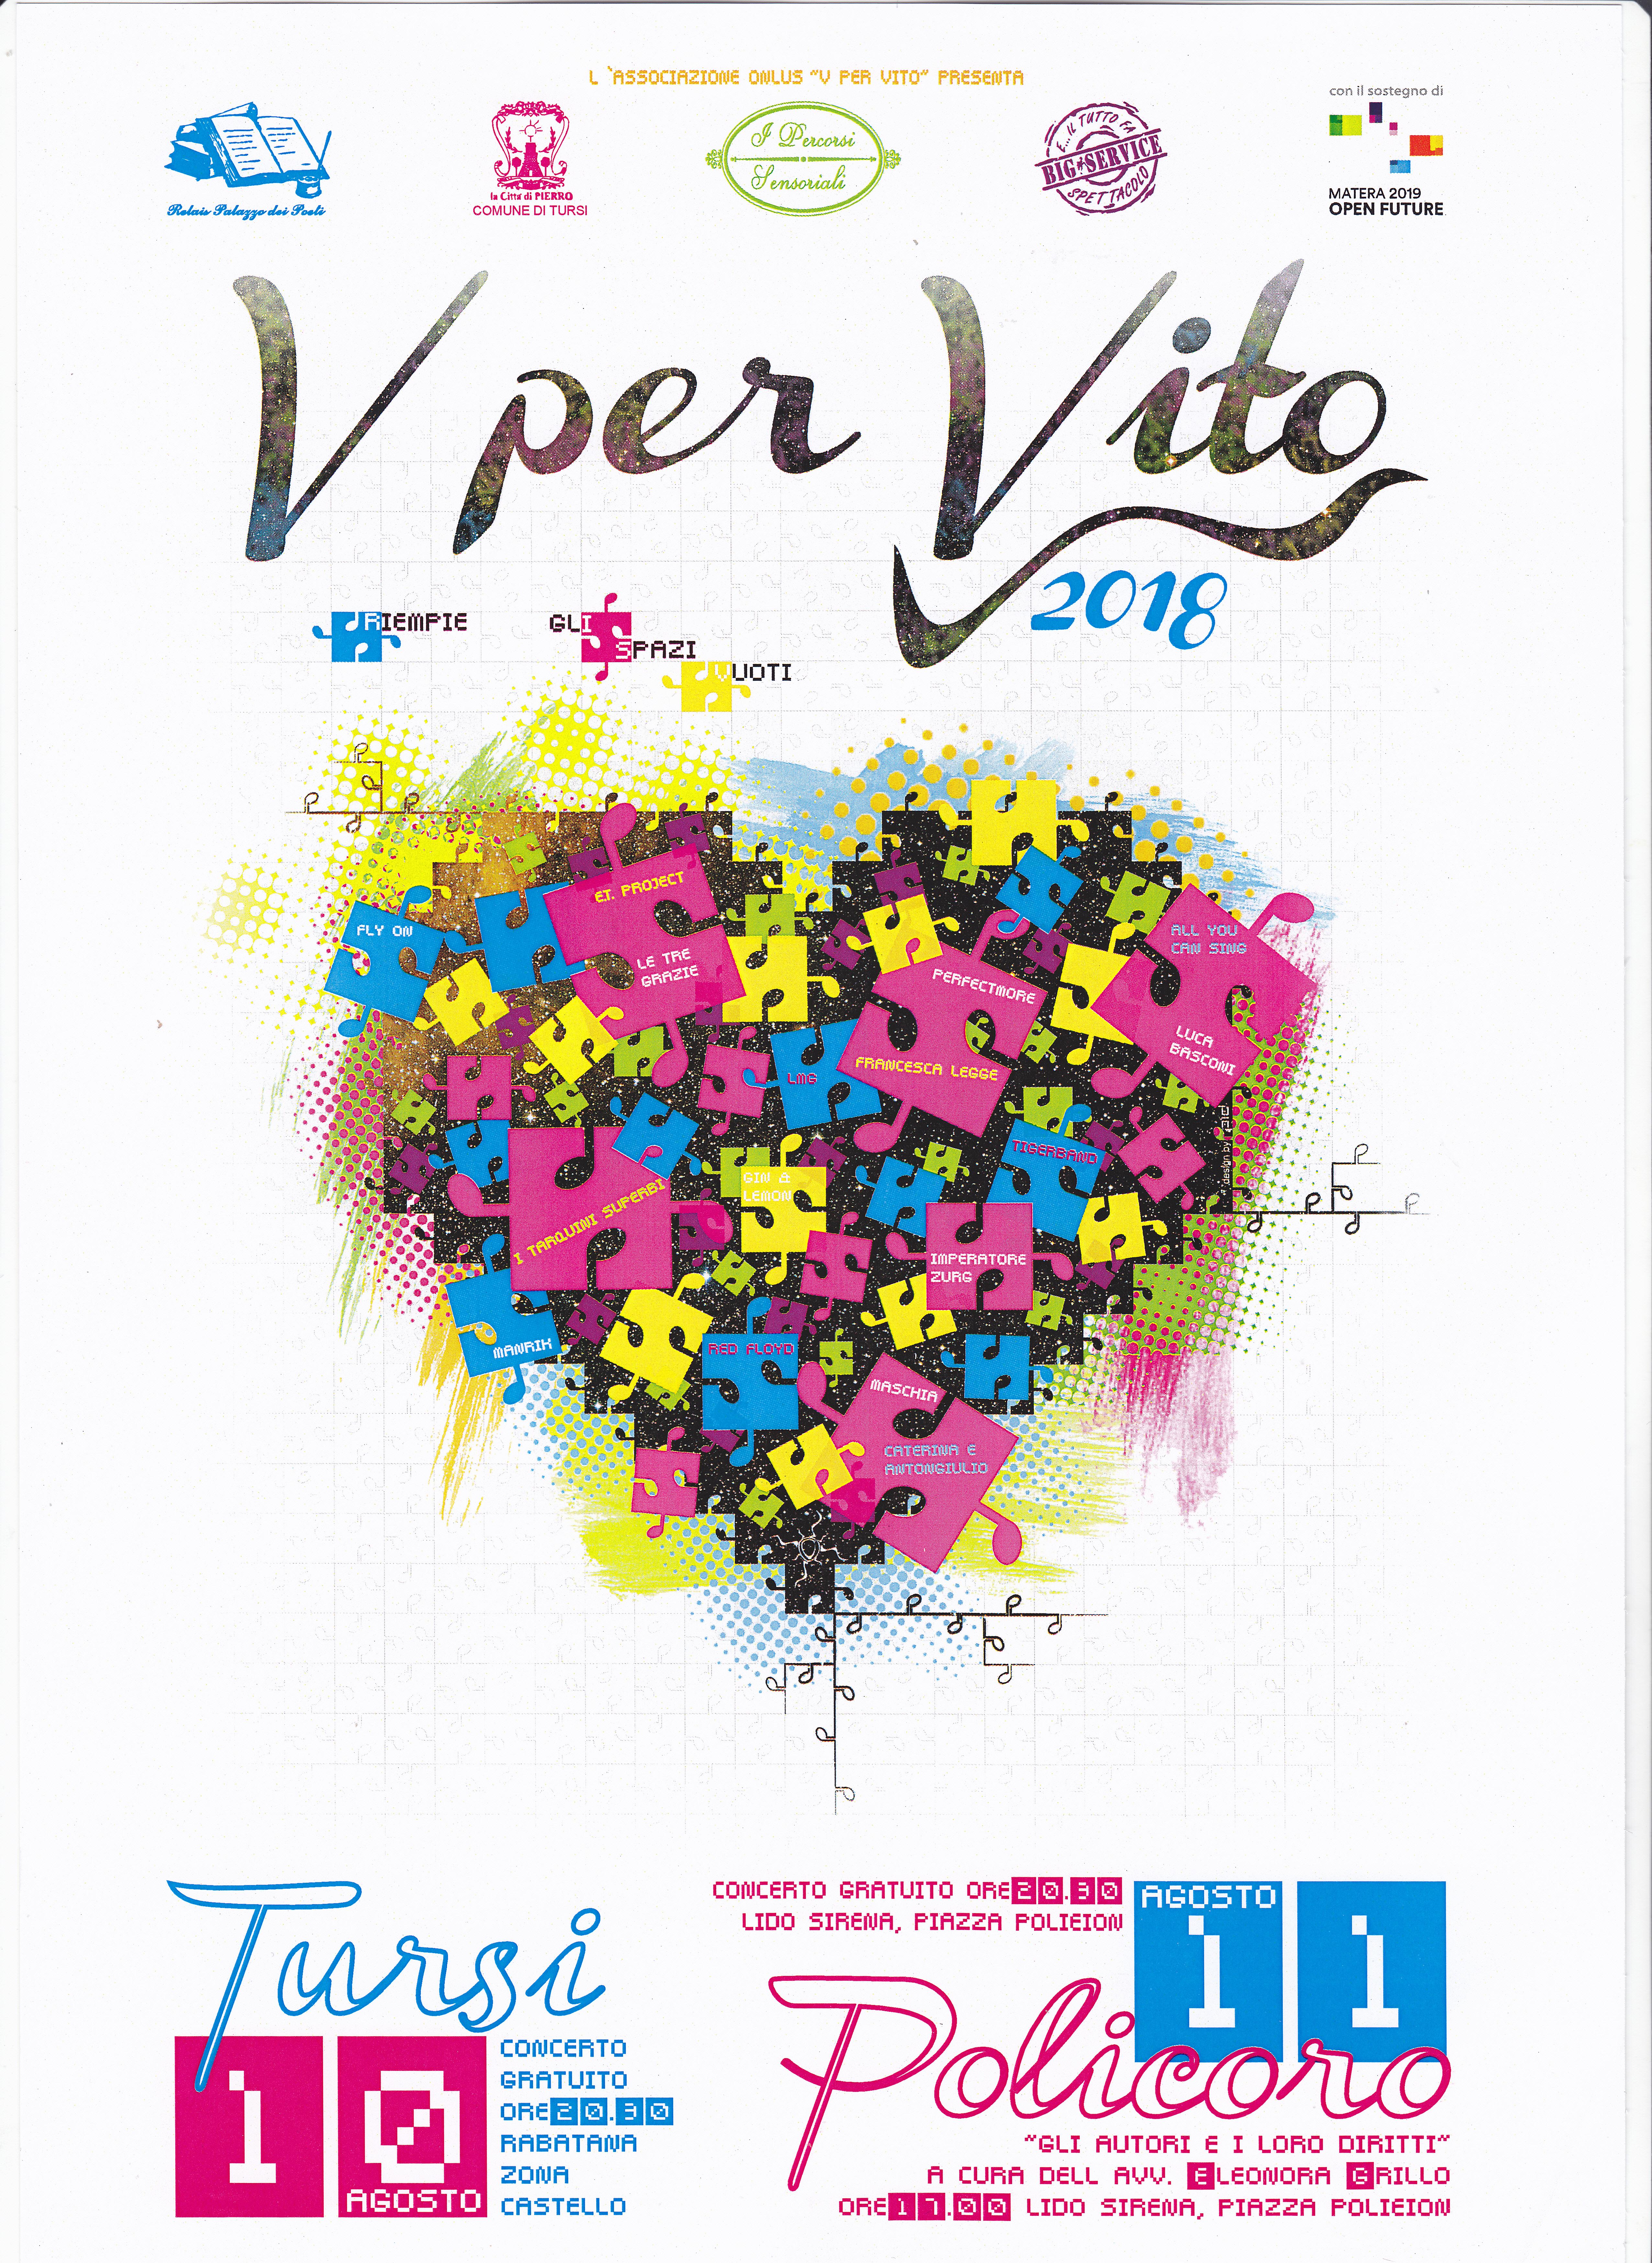 """""""V per Vito 2018 riempie gli spazi vuoti"""", il 10 e l'11 agosto, nella Rabatana di Tursi e a Policoro, con due giorni di concerti e seminari del tutto gratuiti"""